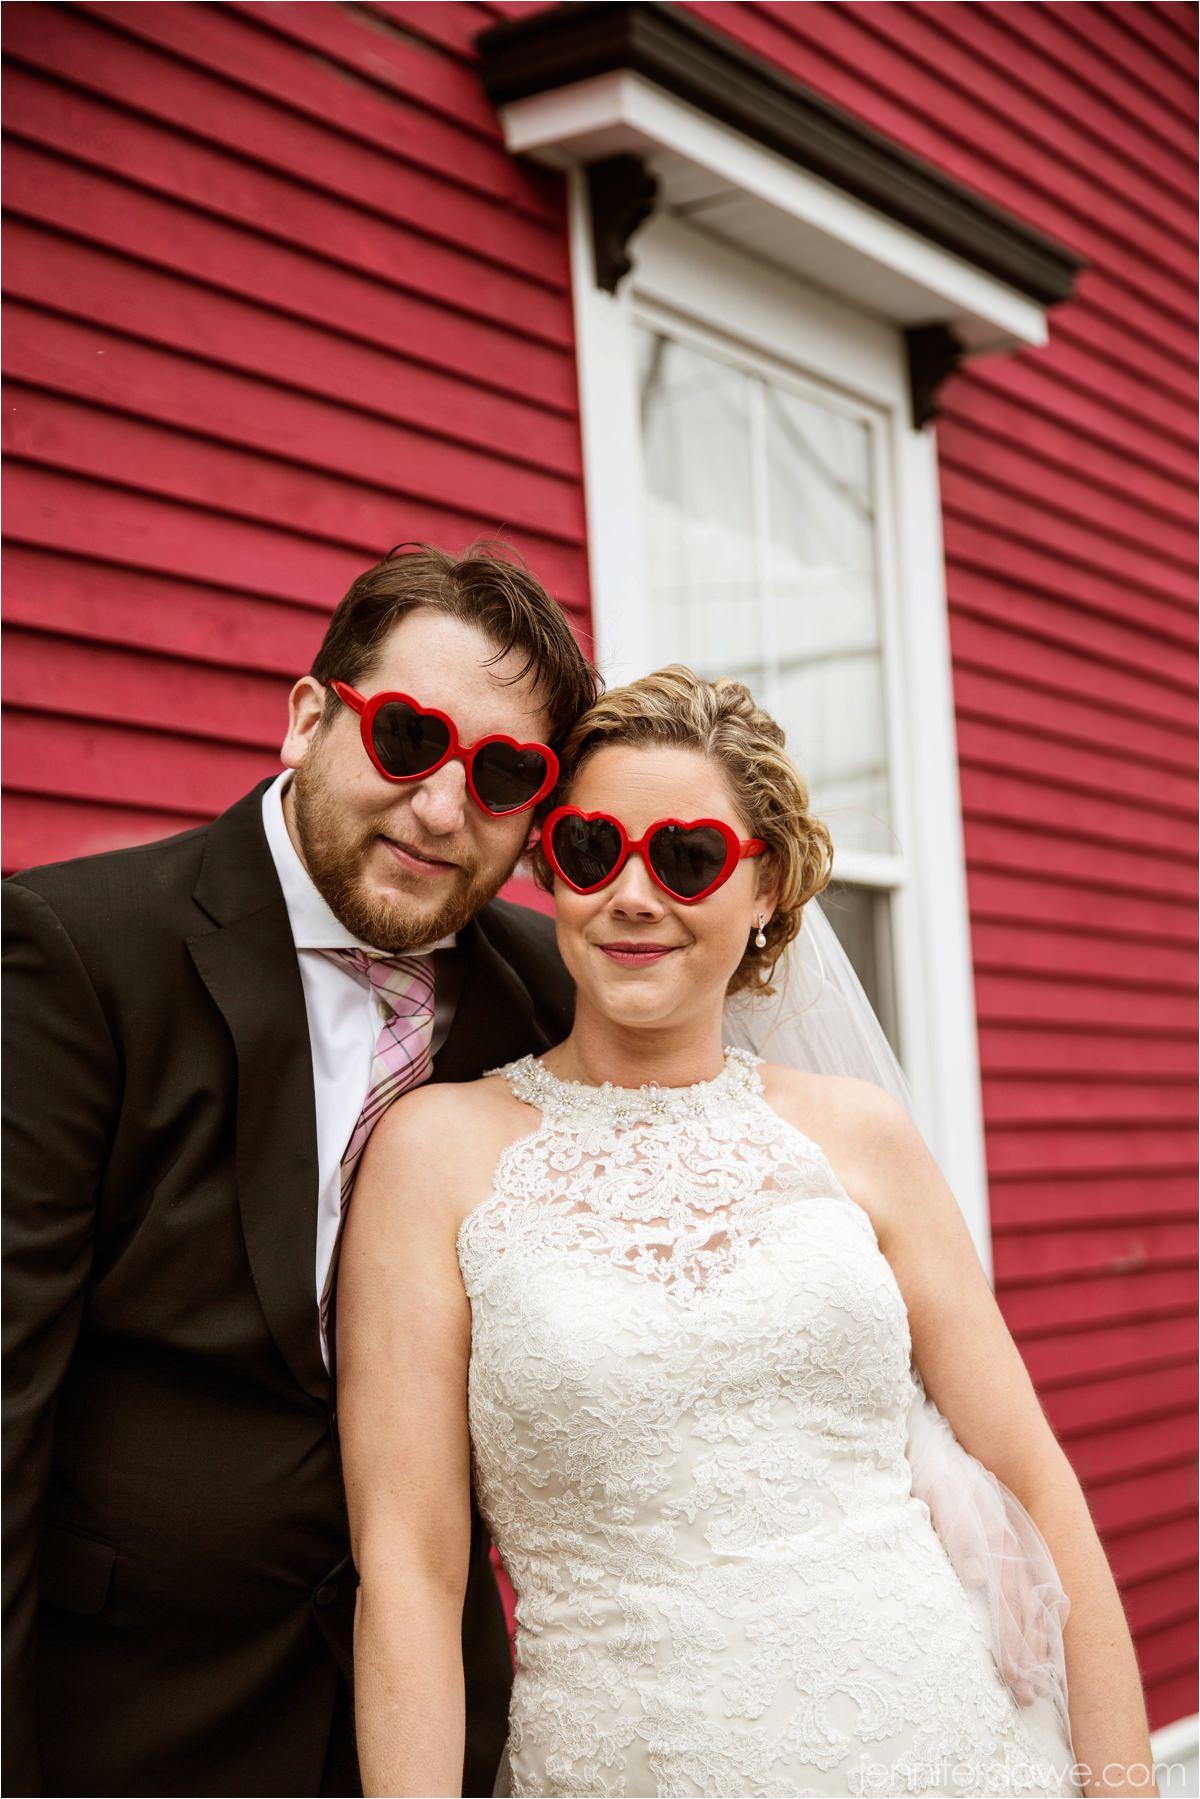 St John's Newfoundland Wedding Photographers Woodstock Wedding Best Newfoundland Wedding Photographer Jennifer Dawe Photography47